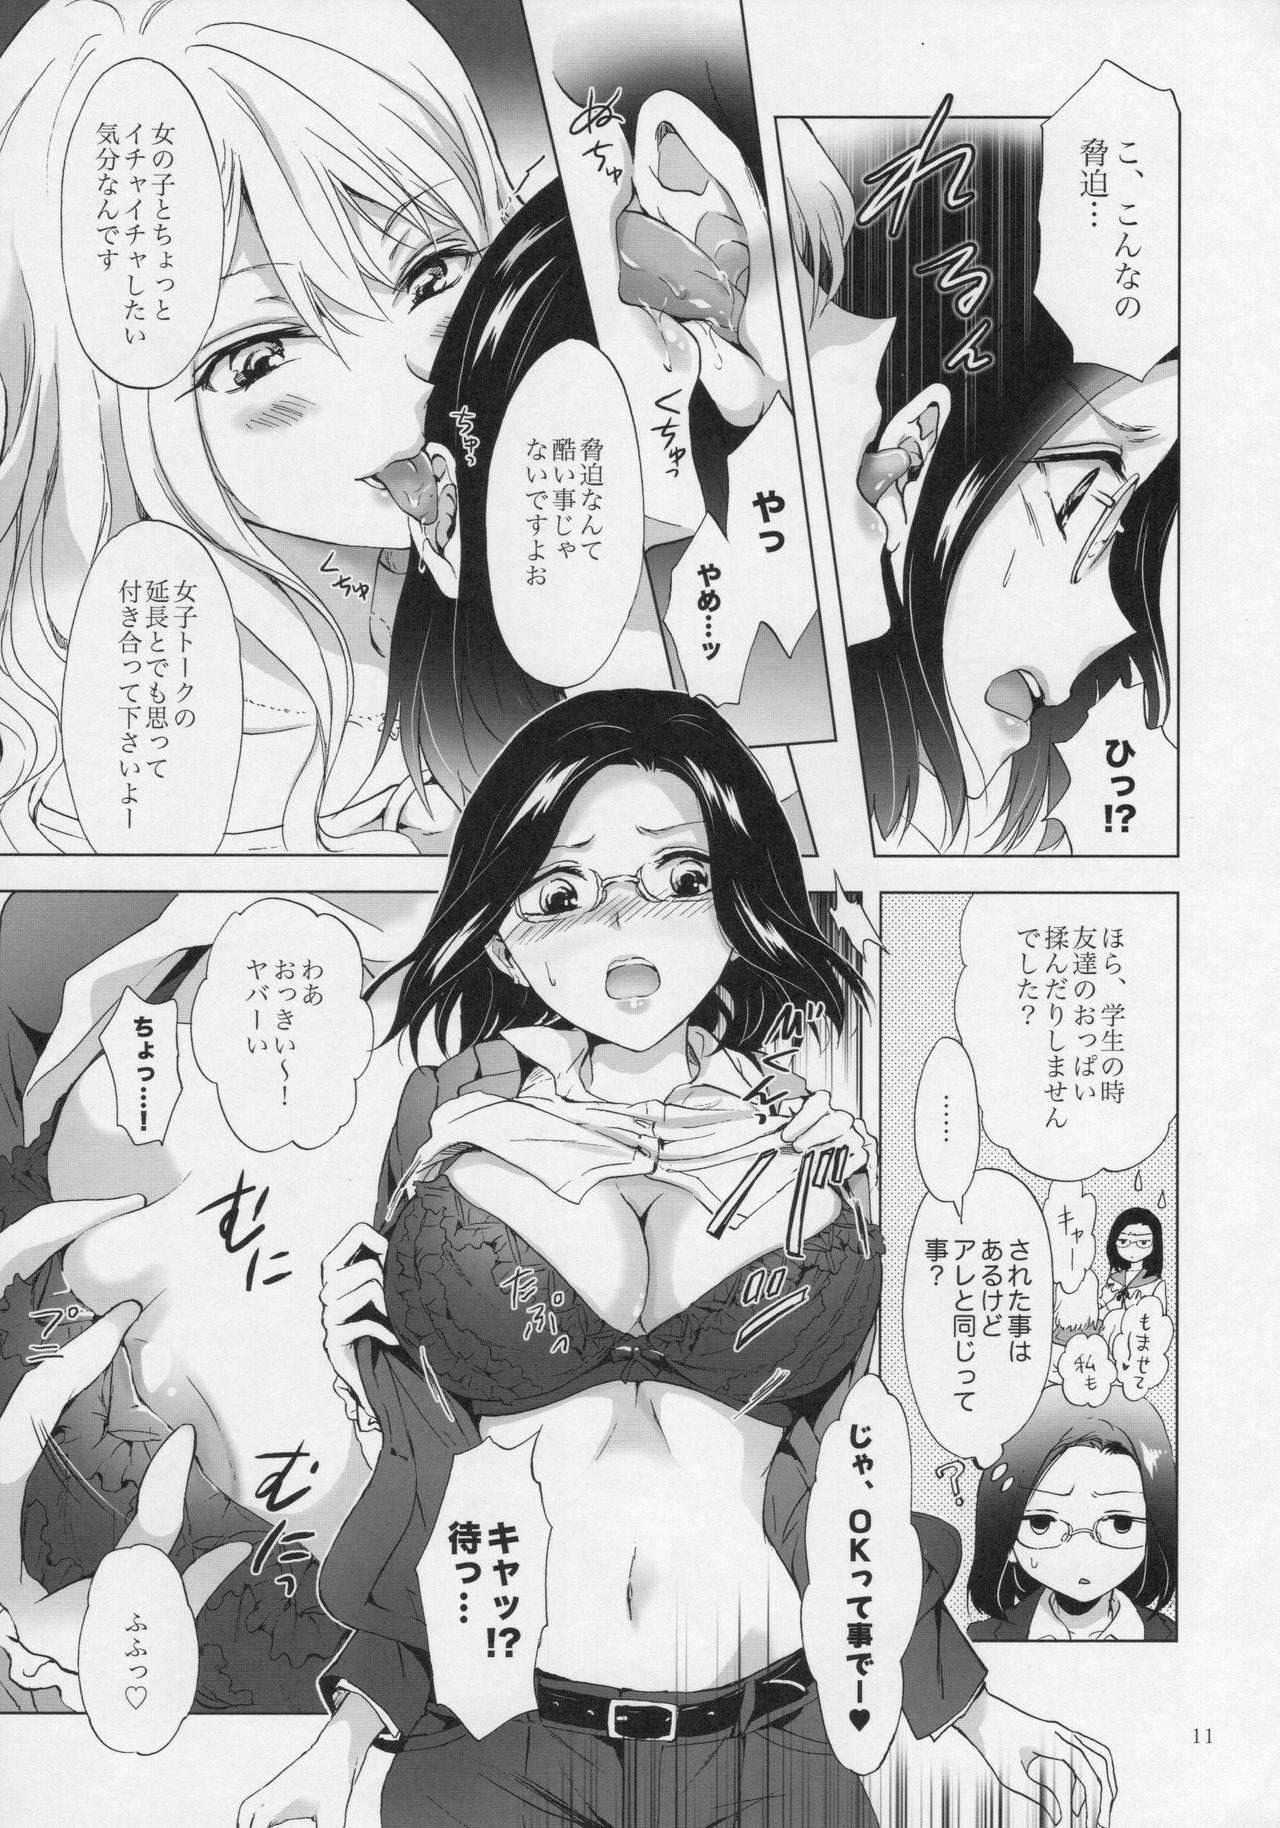 Yurufuwa Joshi ni Kiwotsukete 9